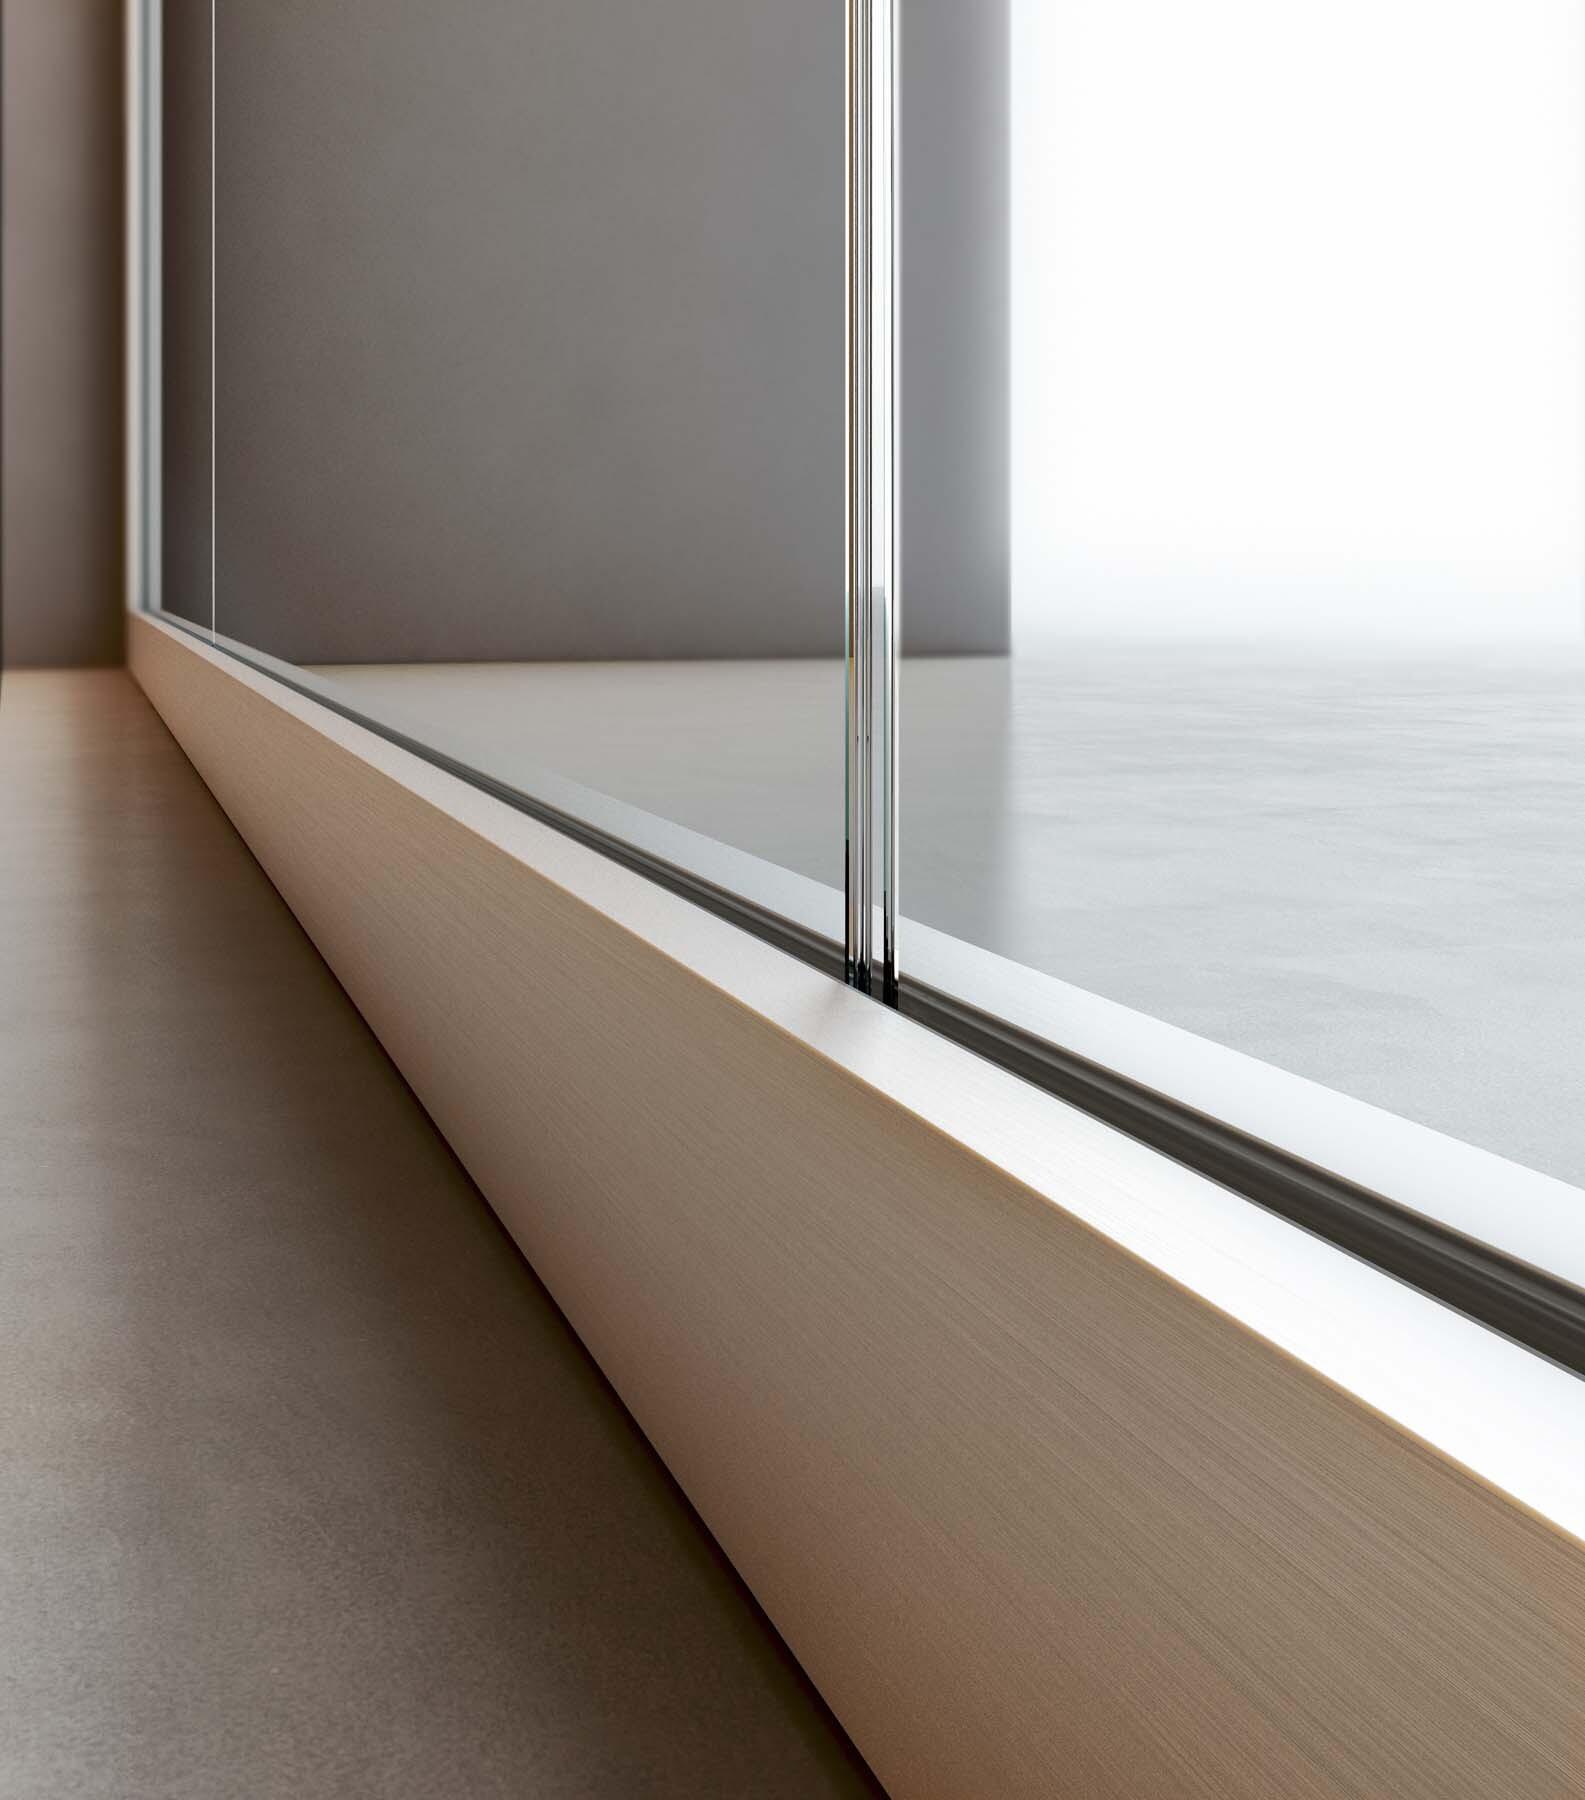 parete-dwel-scorrevole-2-vie.jpg